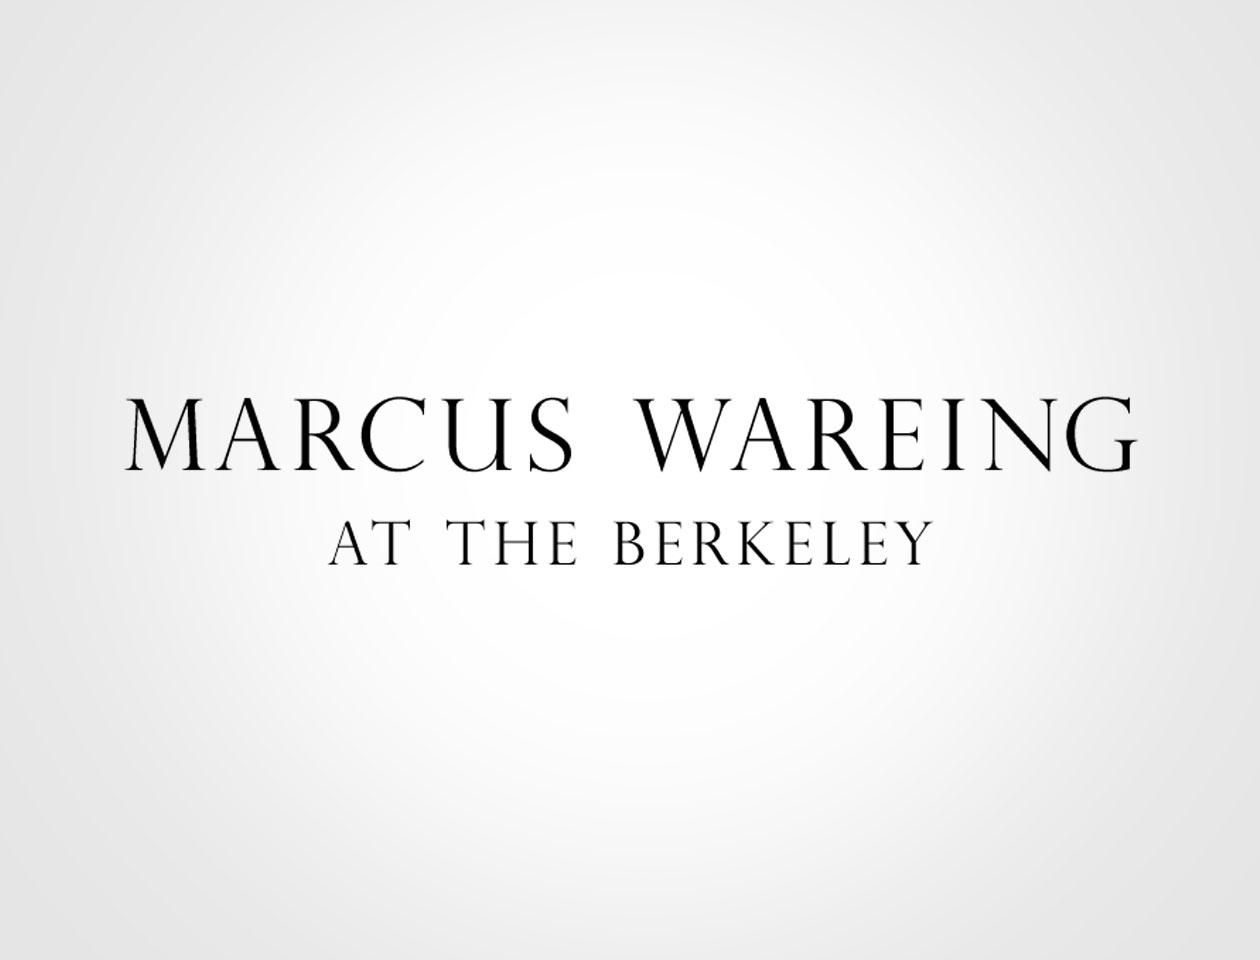 marcus-wareing